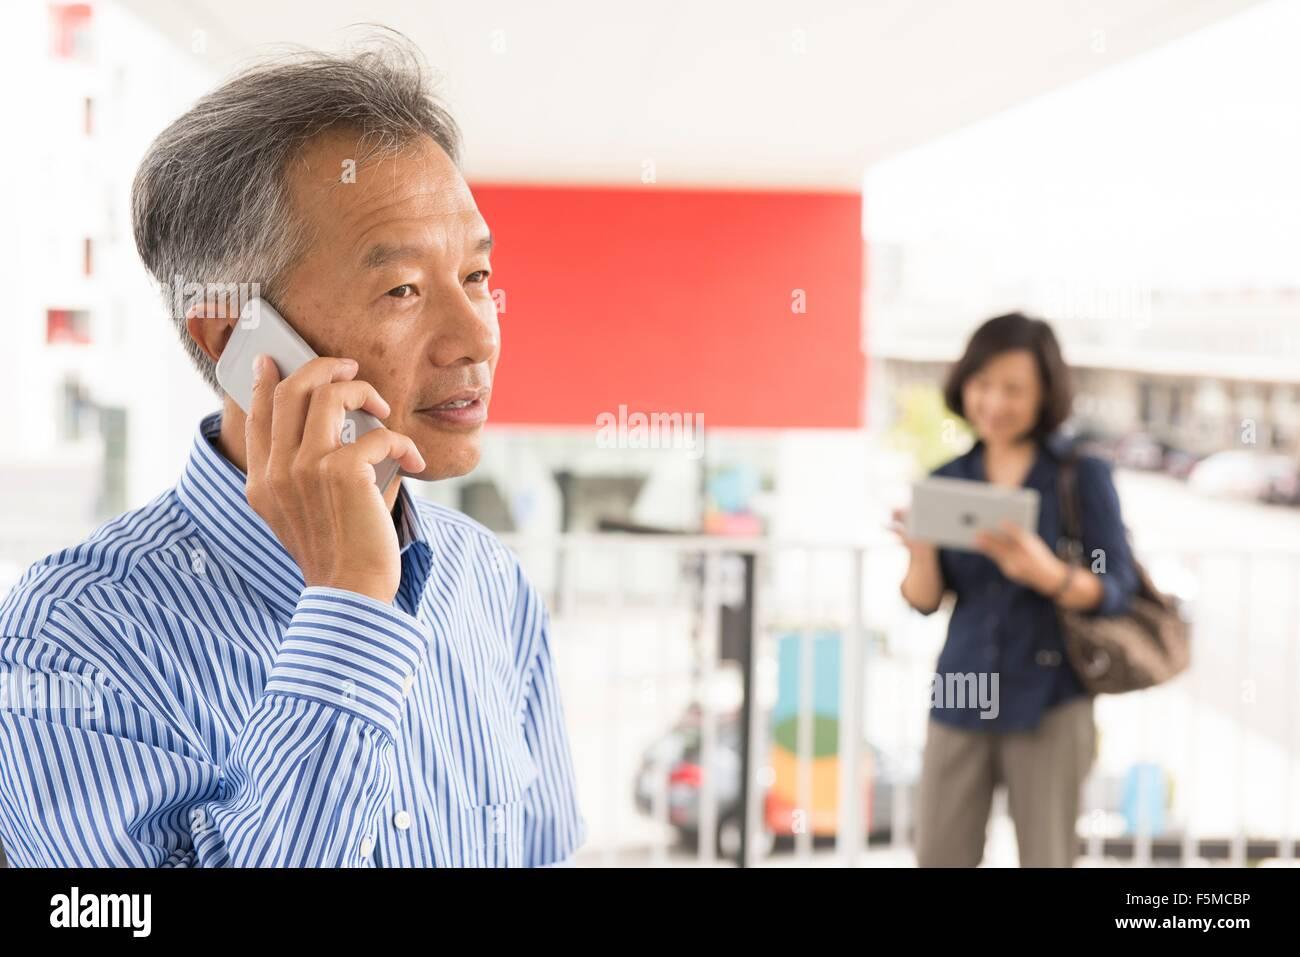 Kopf und Schultern von reifer Mann sprechen auf Smartphone wegschauen Stockbild